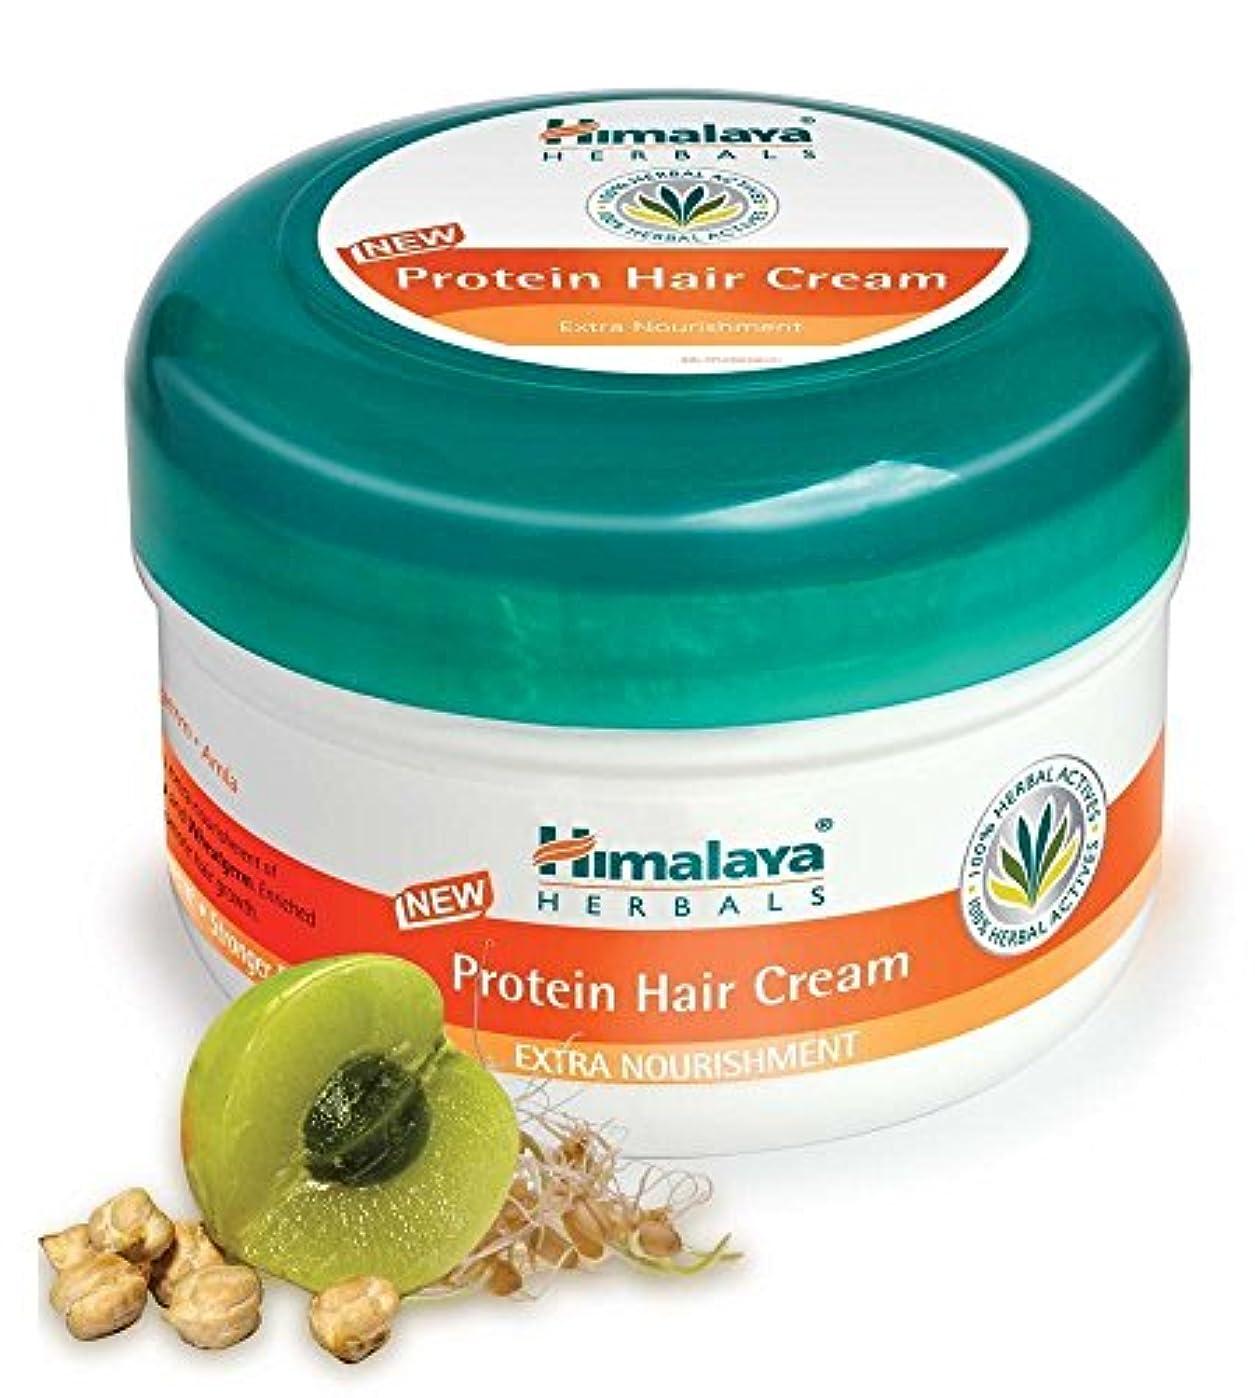 バッテリー大量変化するHimalaya Protein Hair Cream 175 g